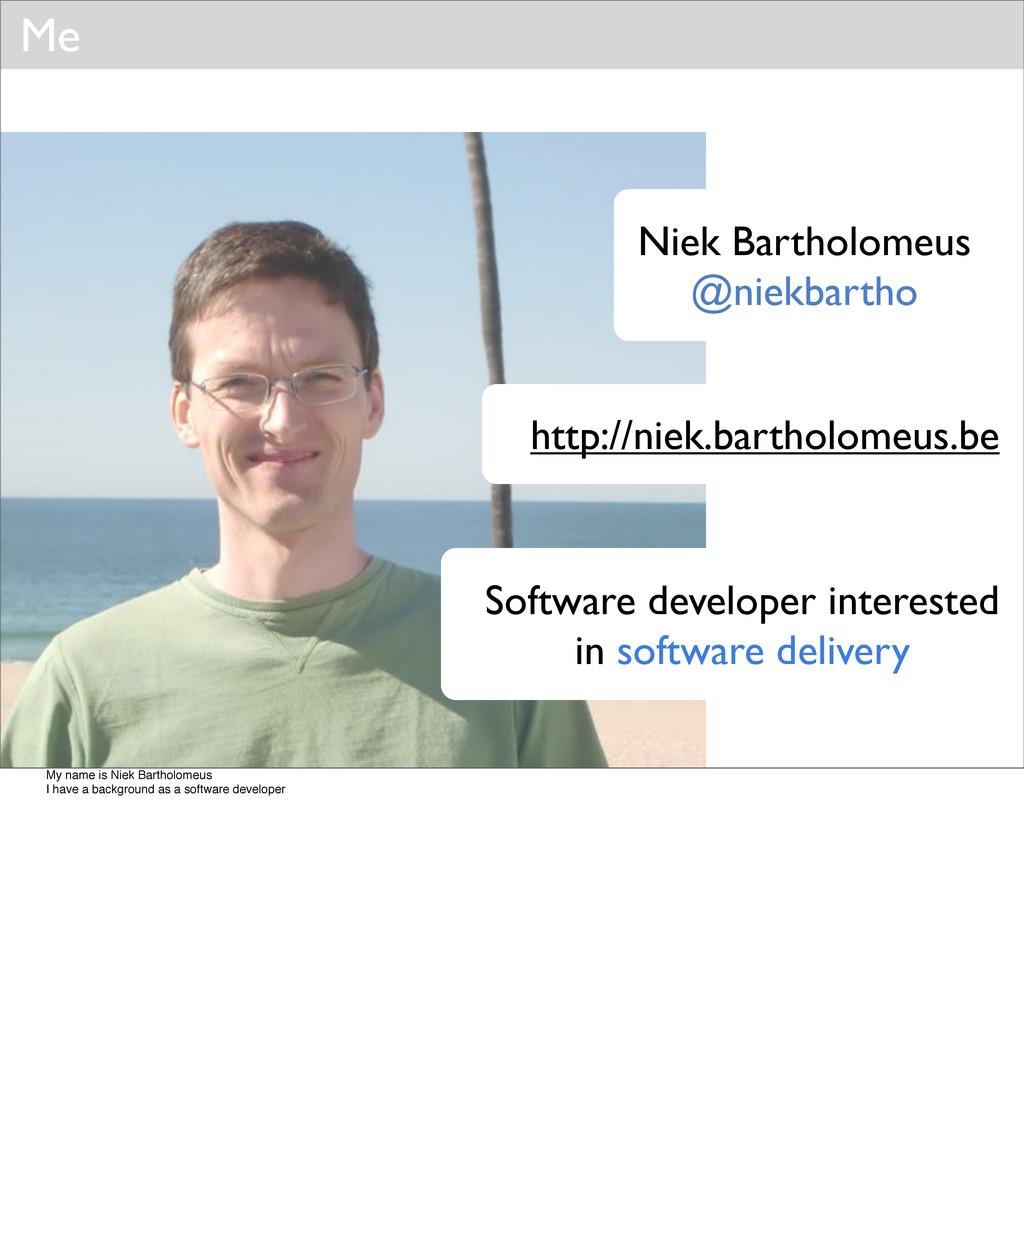 Niek Bartholomeus @niekbartho Software develope...